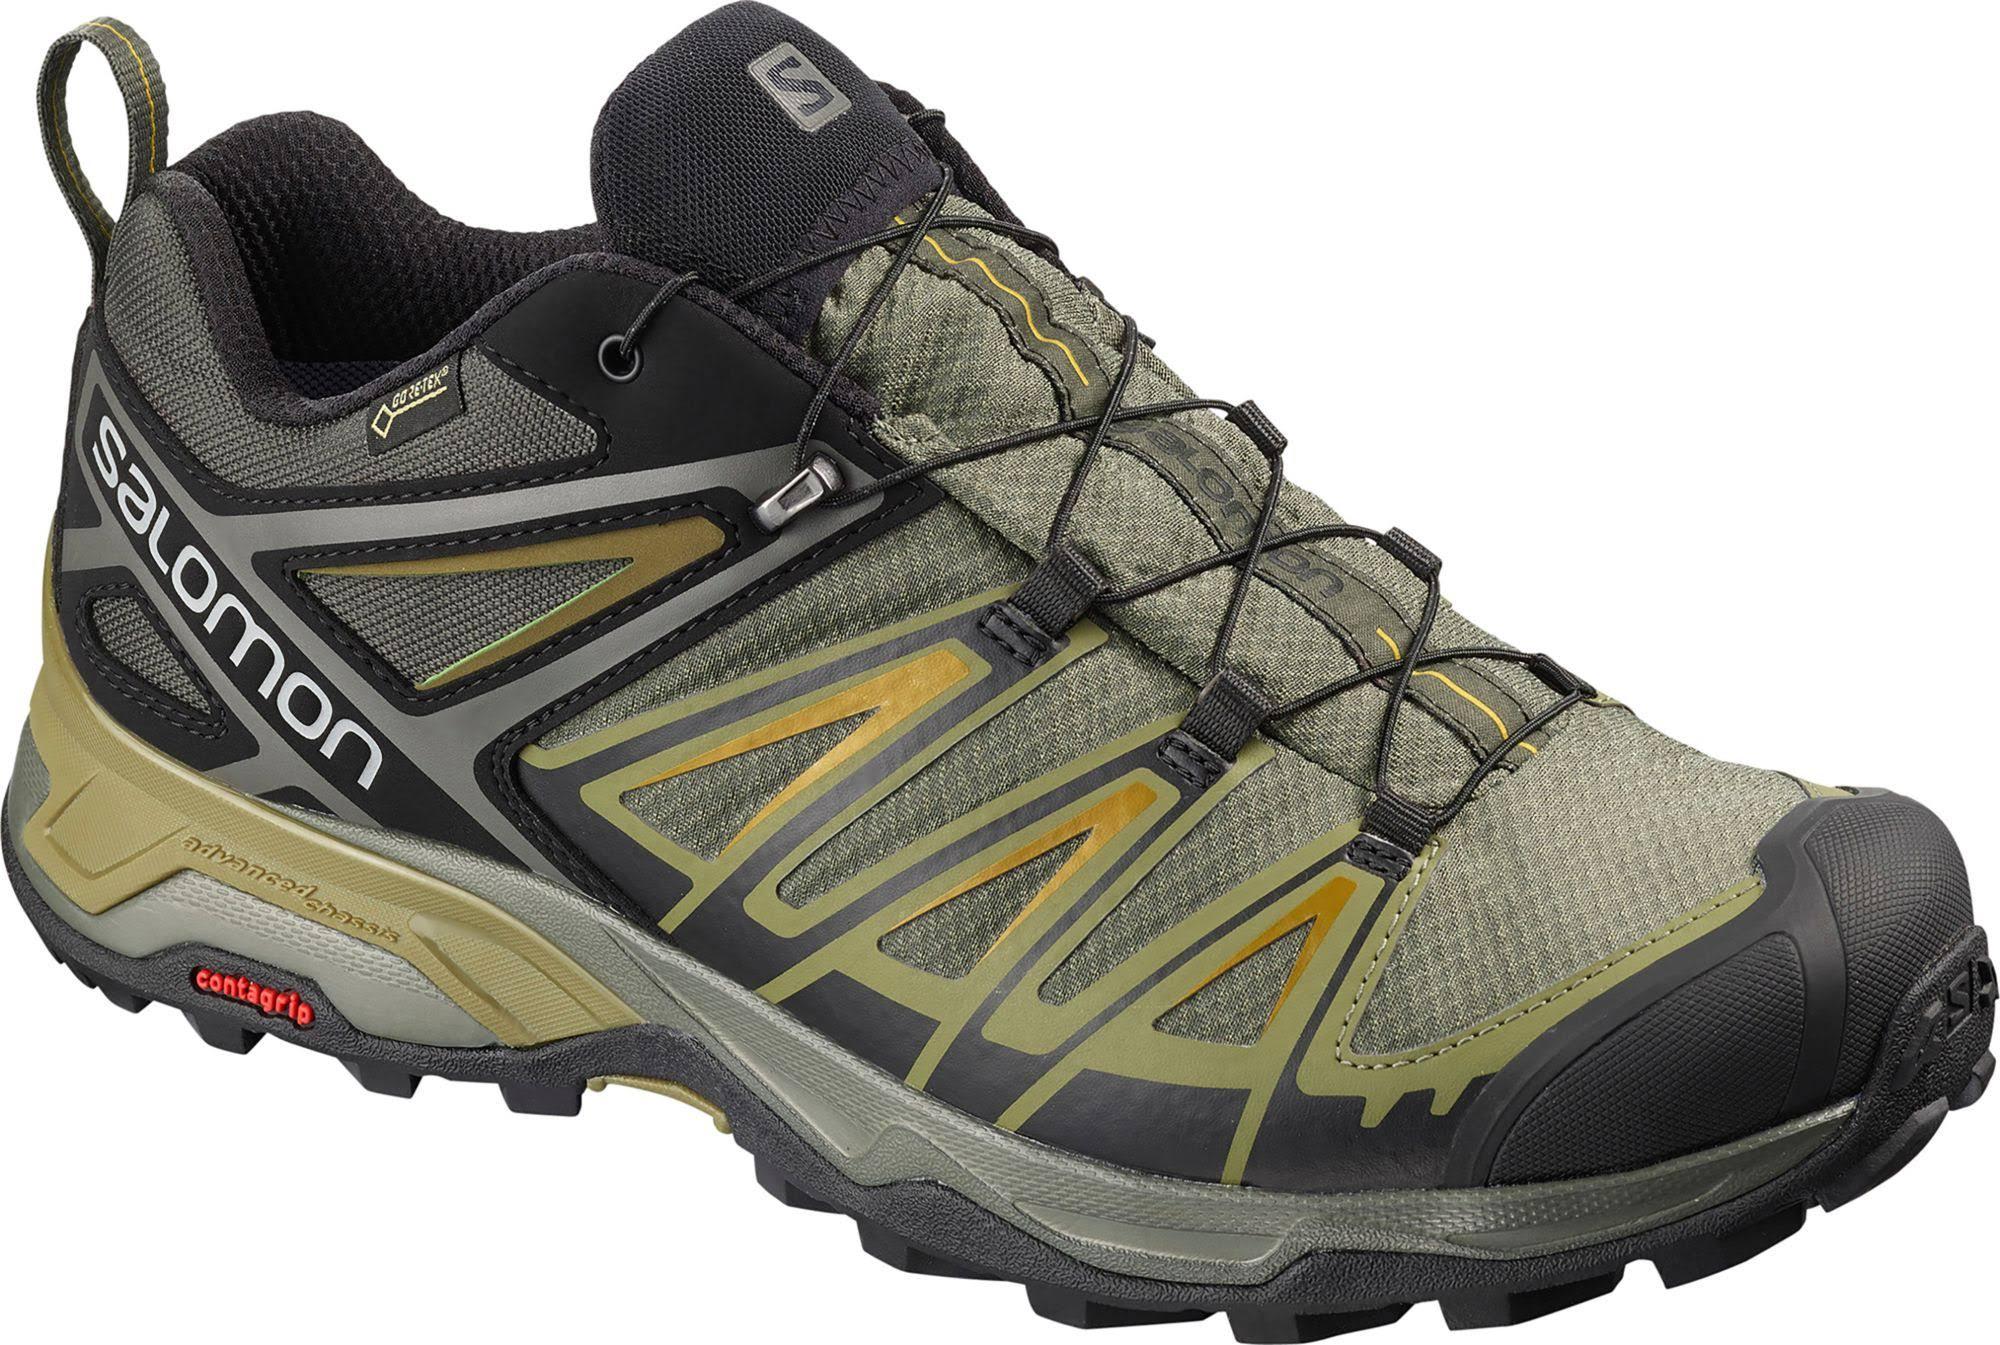 10 5 X GreyBeluga Heren Ultra Salomon Sulfur schoenen 3 Gtx Green Wide Castor wnOk0P